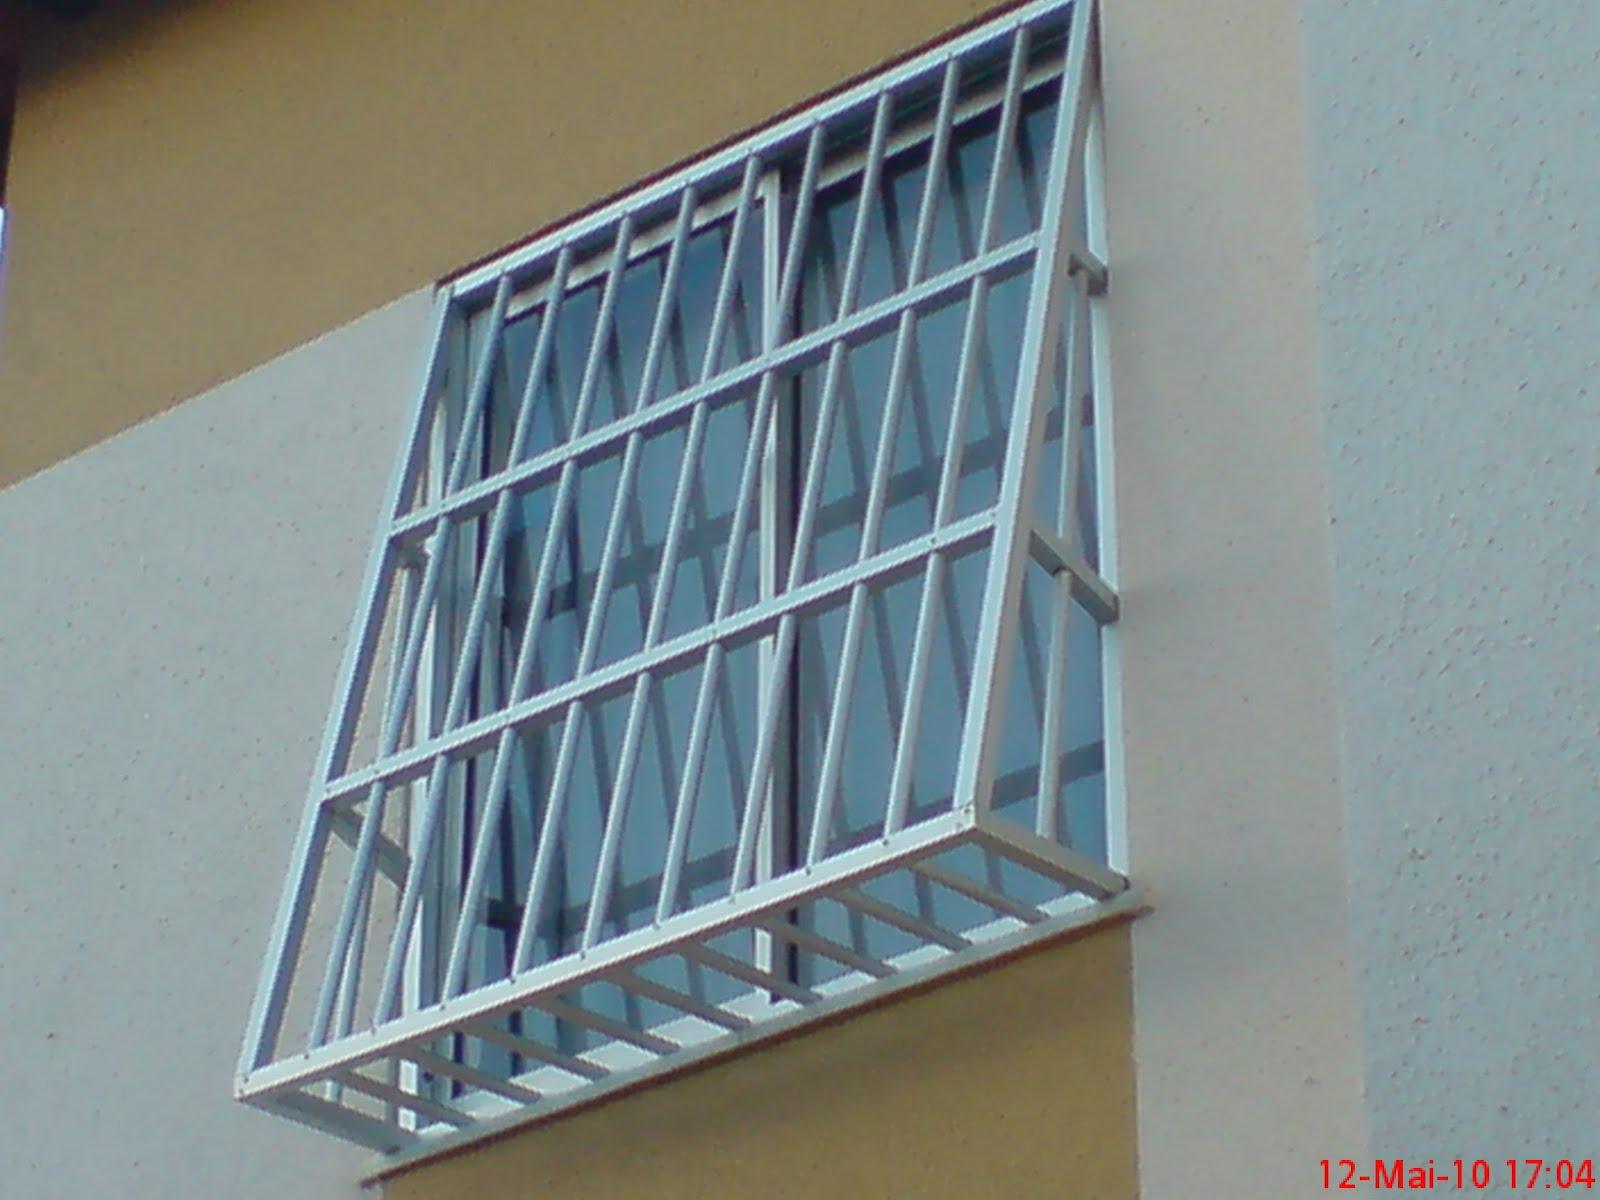 #4B7B80 Grades de Alumínio 4124 Grade De Aluminio Para Janela De Apartamento